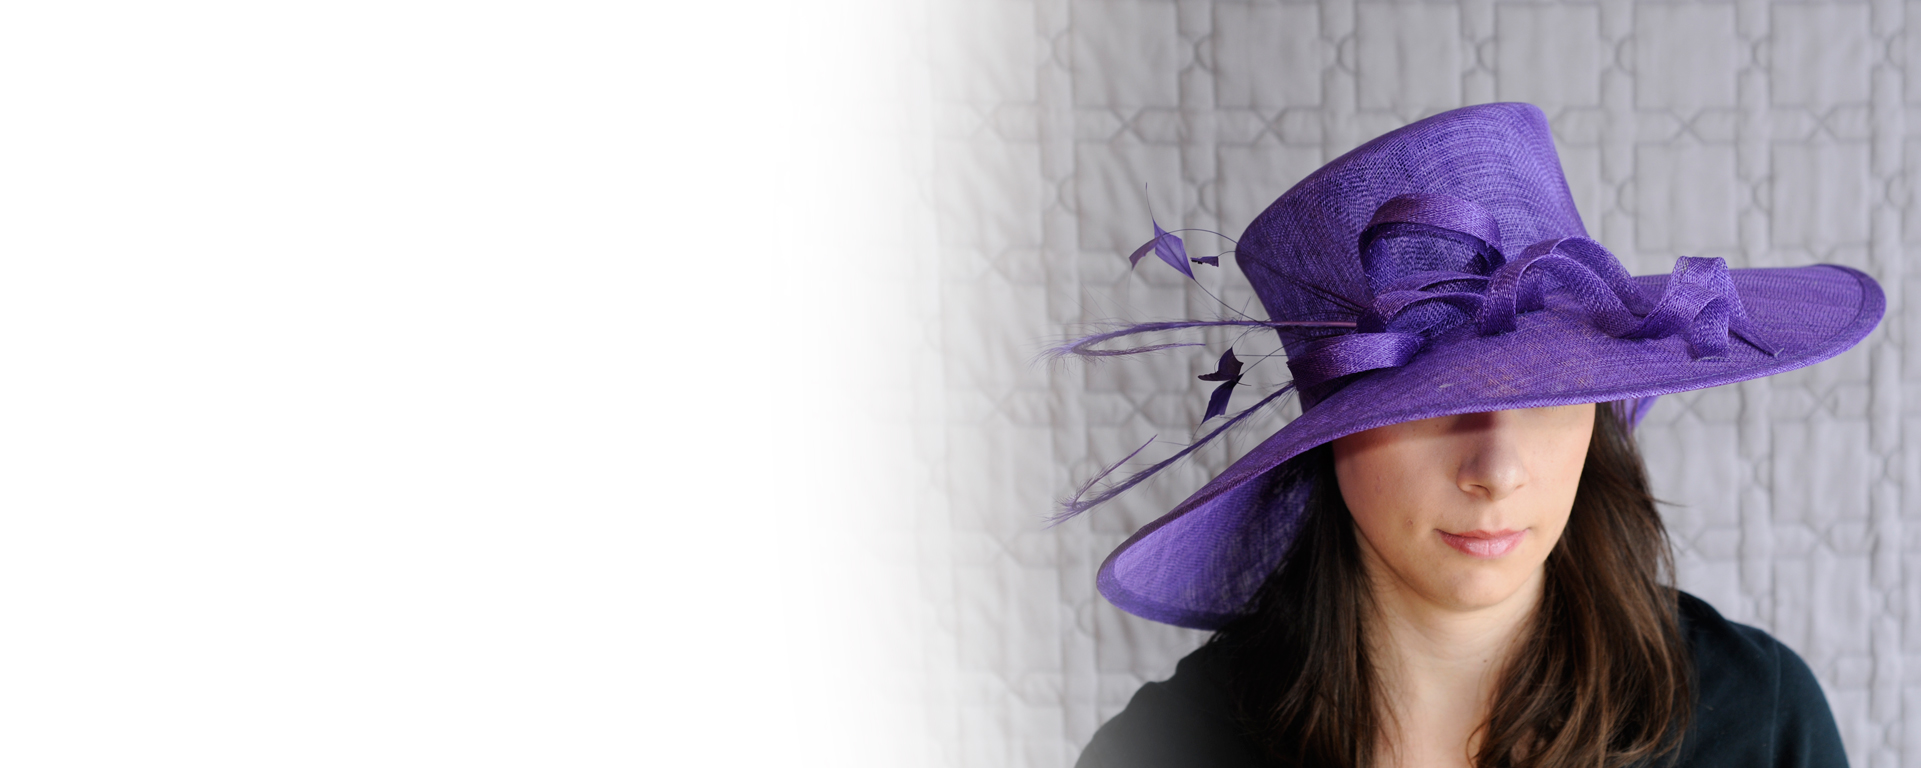 Elegant Hats & Fascinators